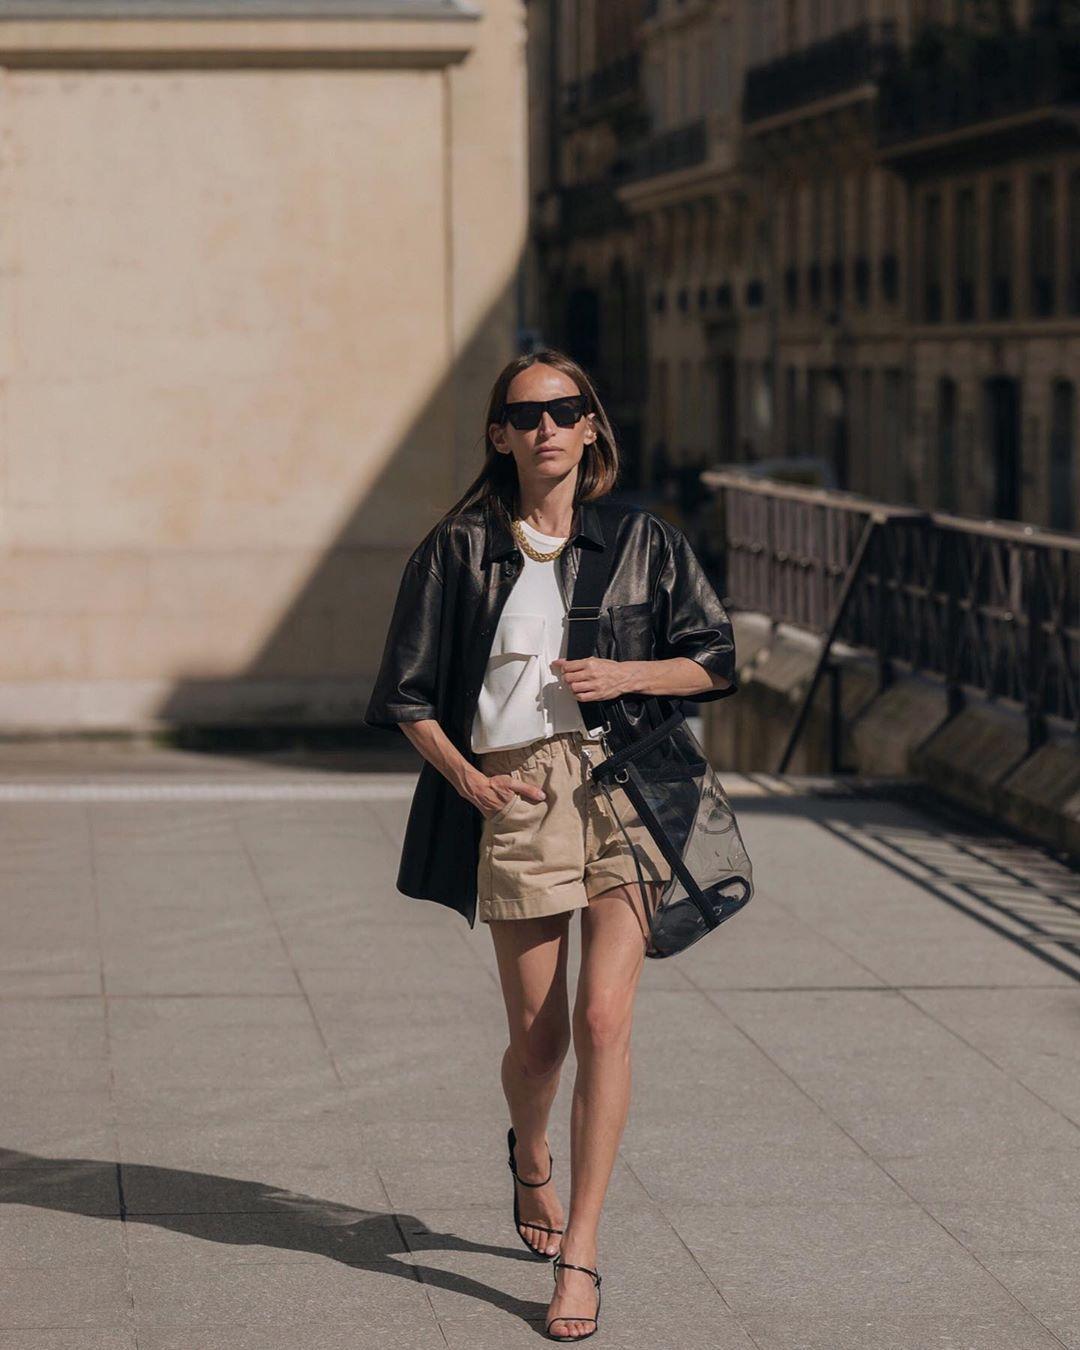 shorts High waisted shorts chloe white blouse black leather jacket short sleeve sandal heels bag